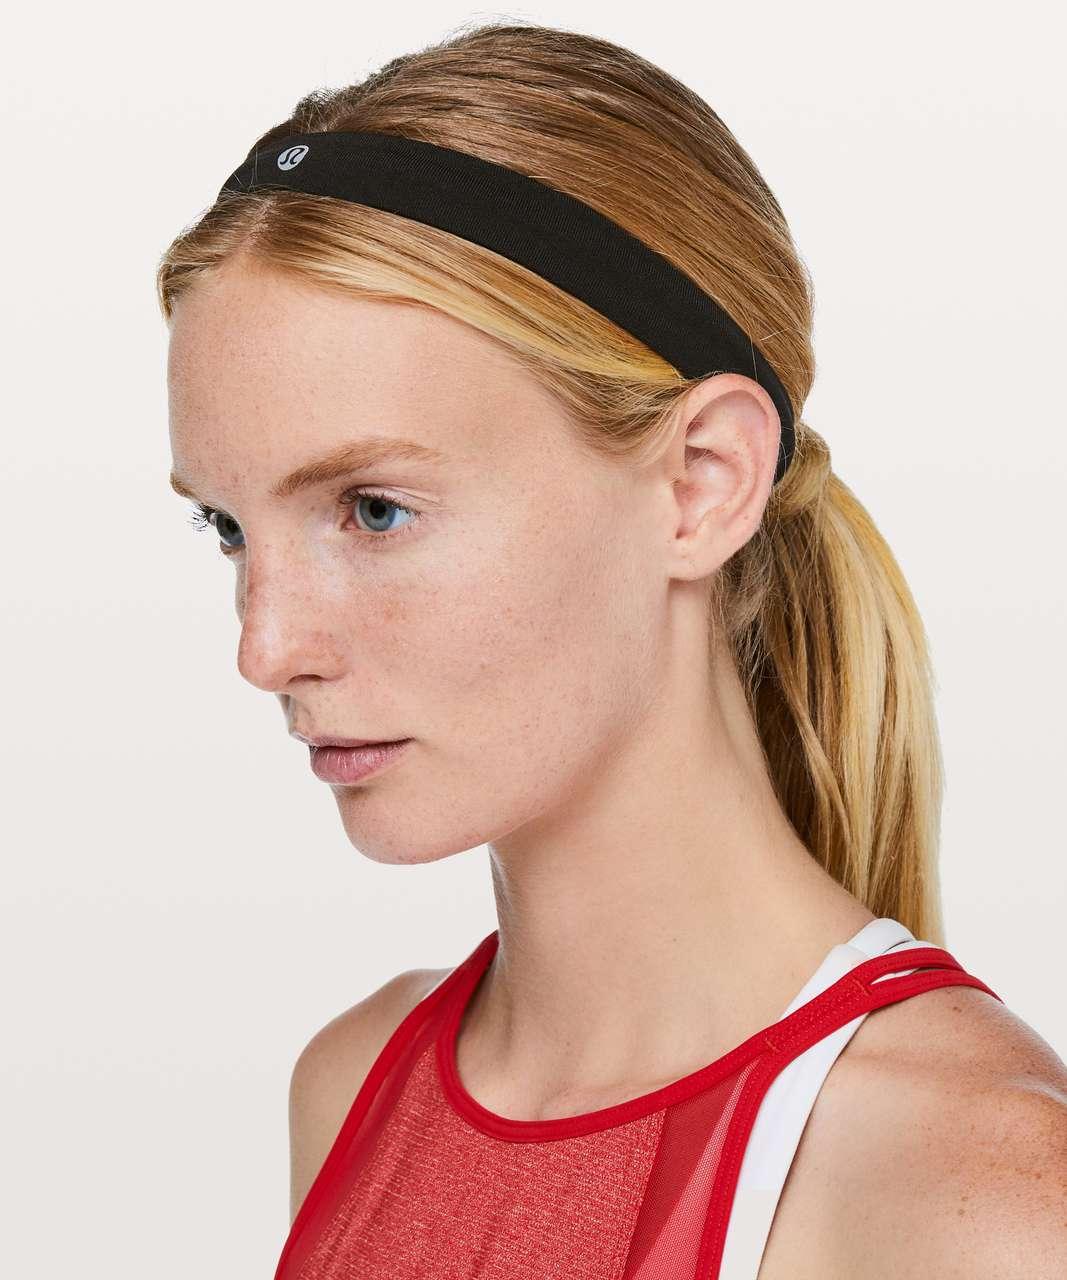 Lululemon Cardio Cross Trainer Headband - Black